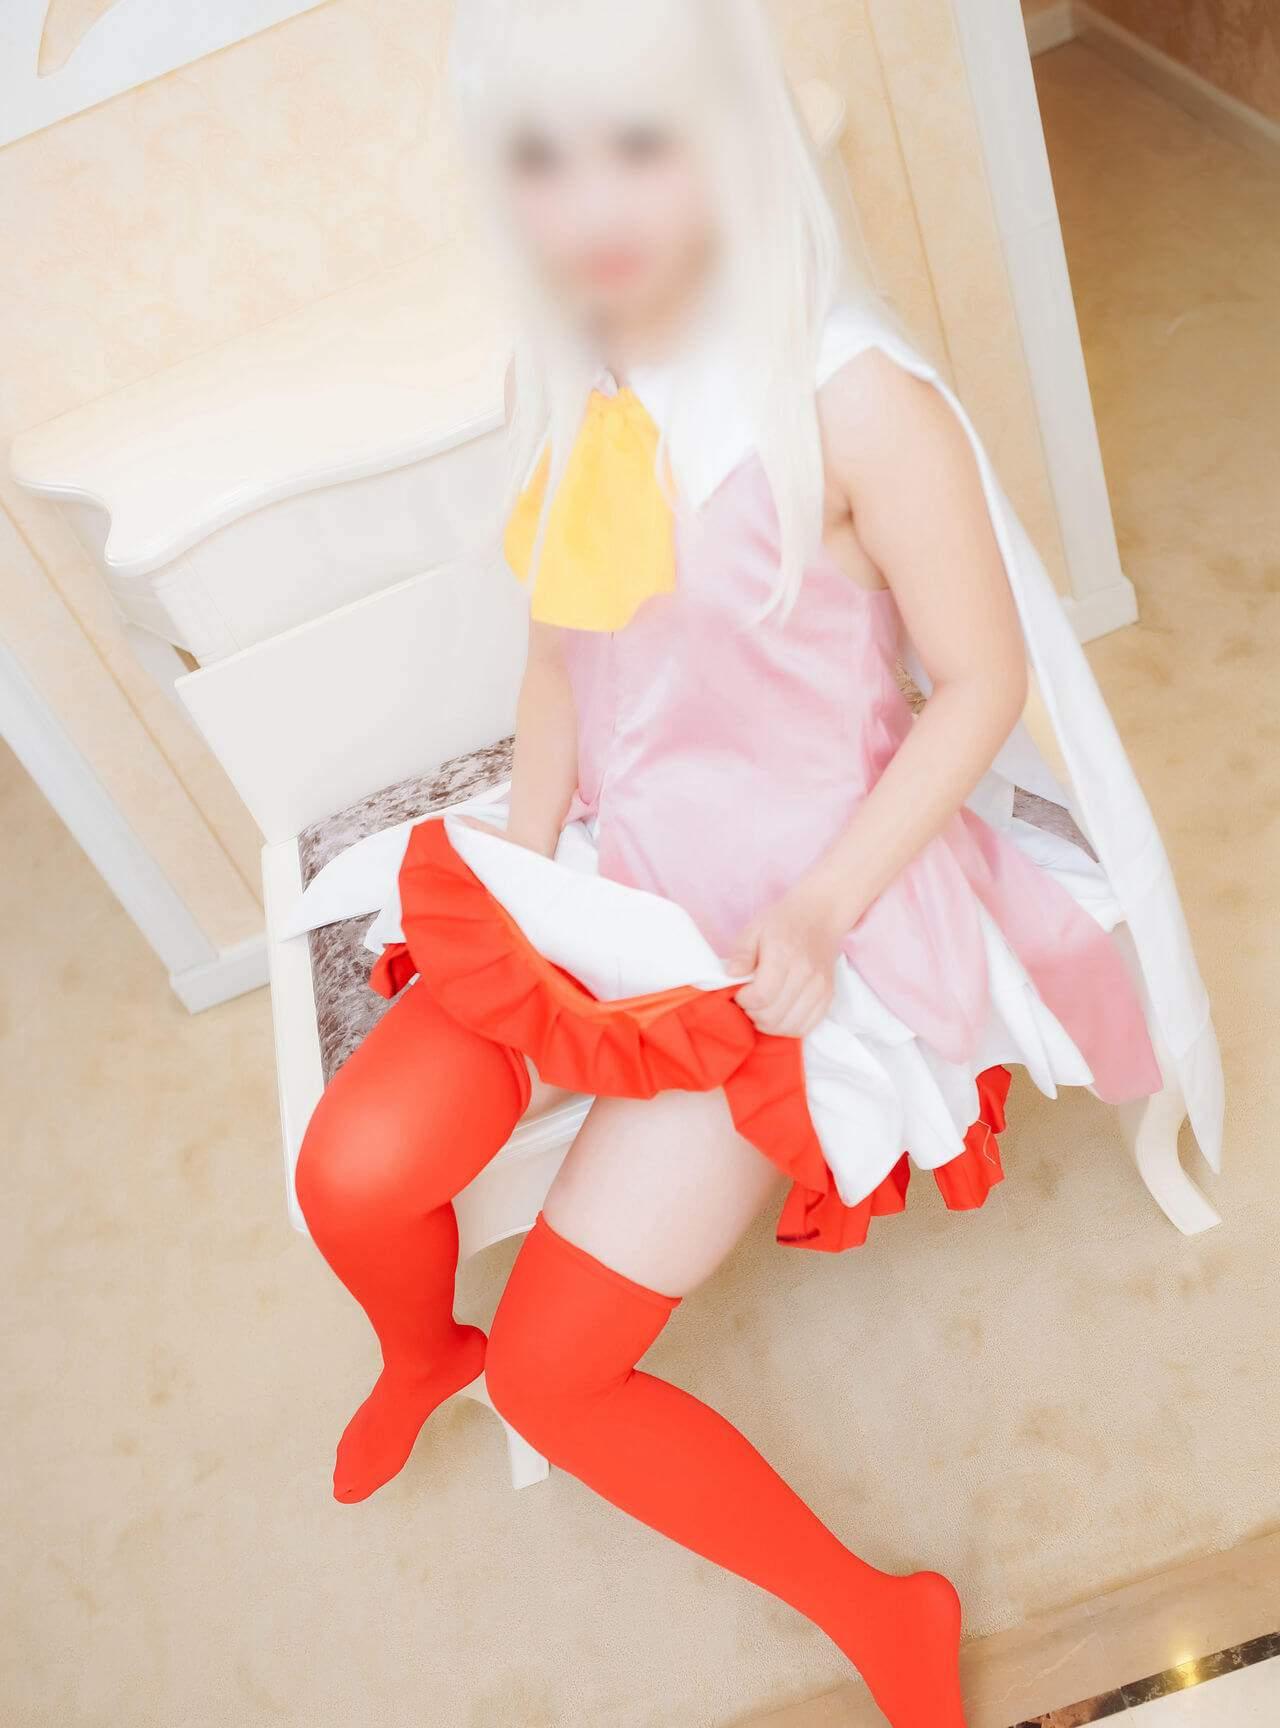 【Cosplay】【少女映畫】魔法少女伊莉雅 伊莉雅 COS-第3张